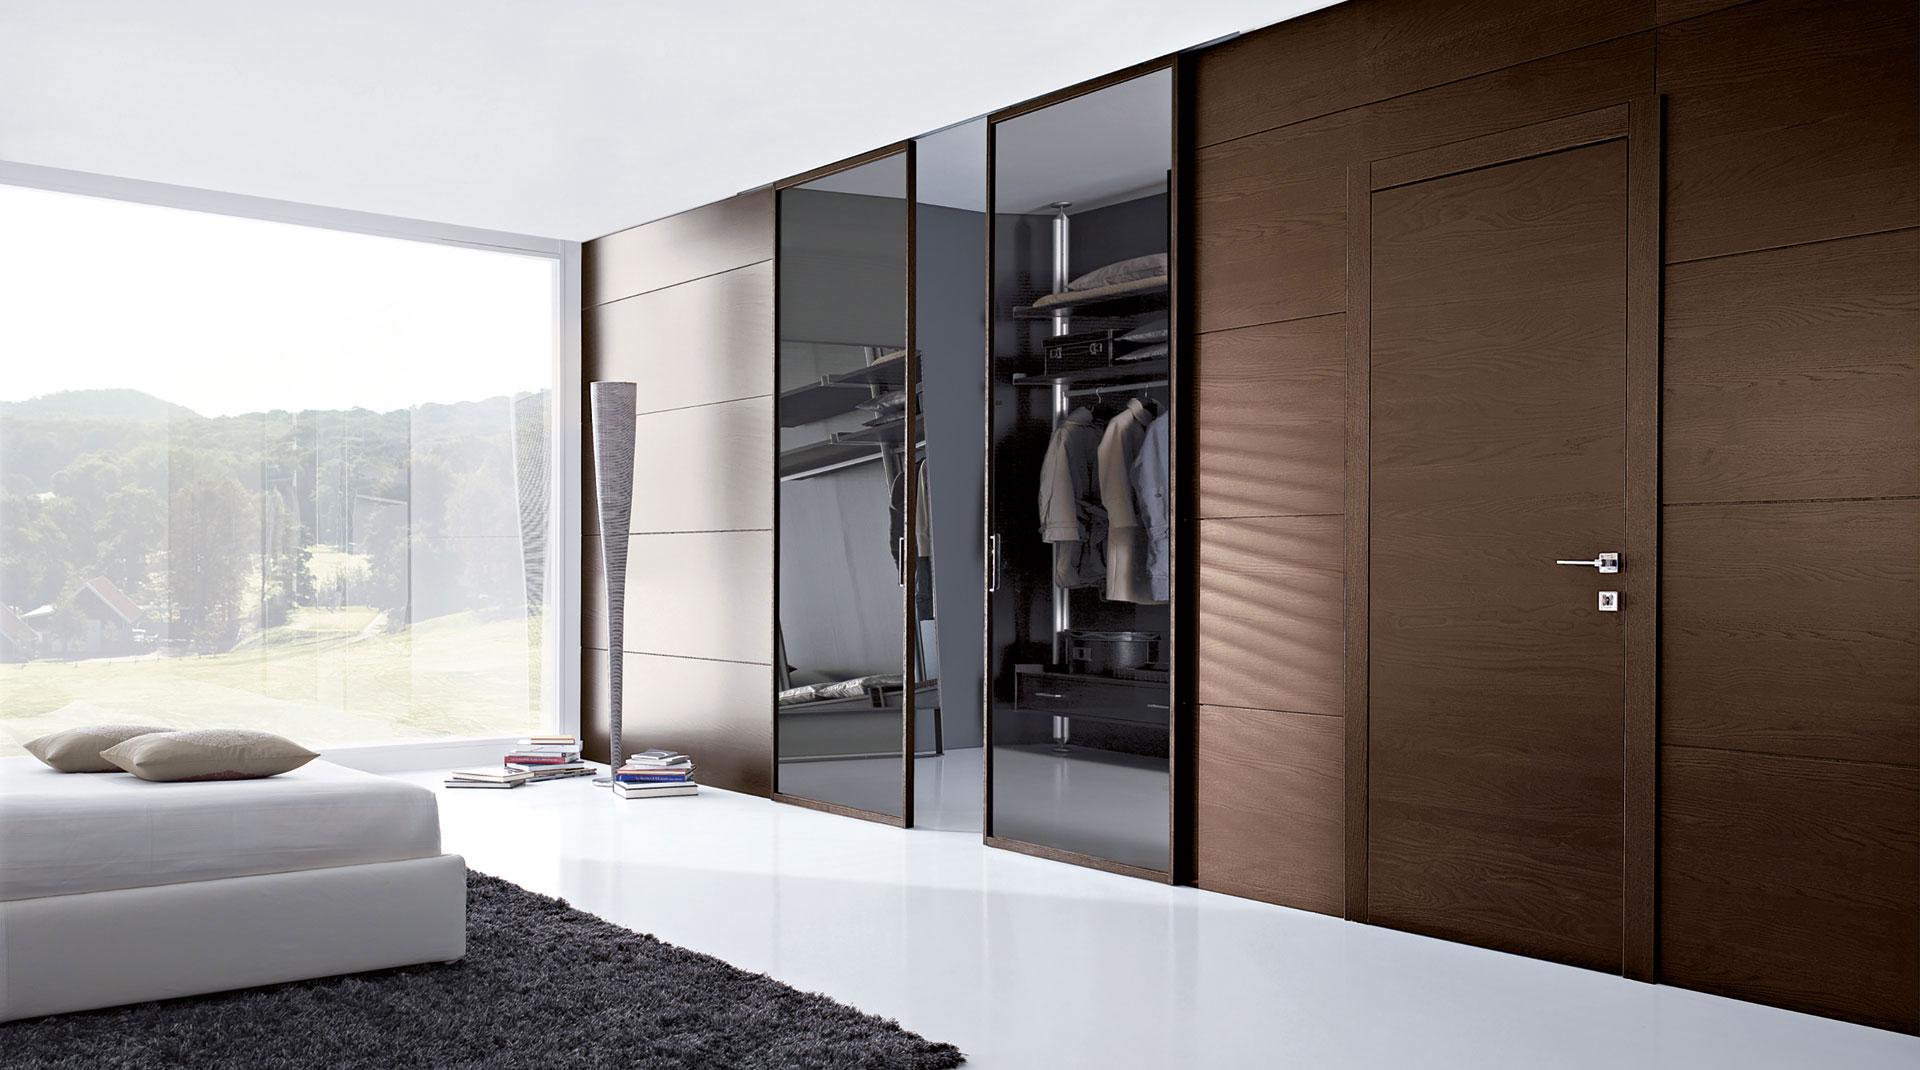 cpl innent ren billig online kaufen schagerl gmbh. Black Bedroom Furniture Sets. Home Design Ideas